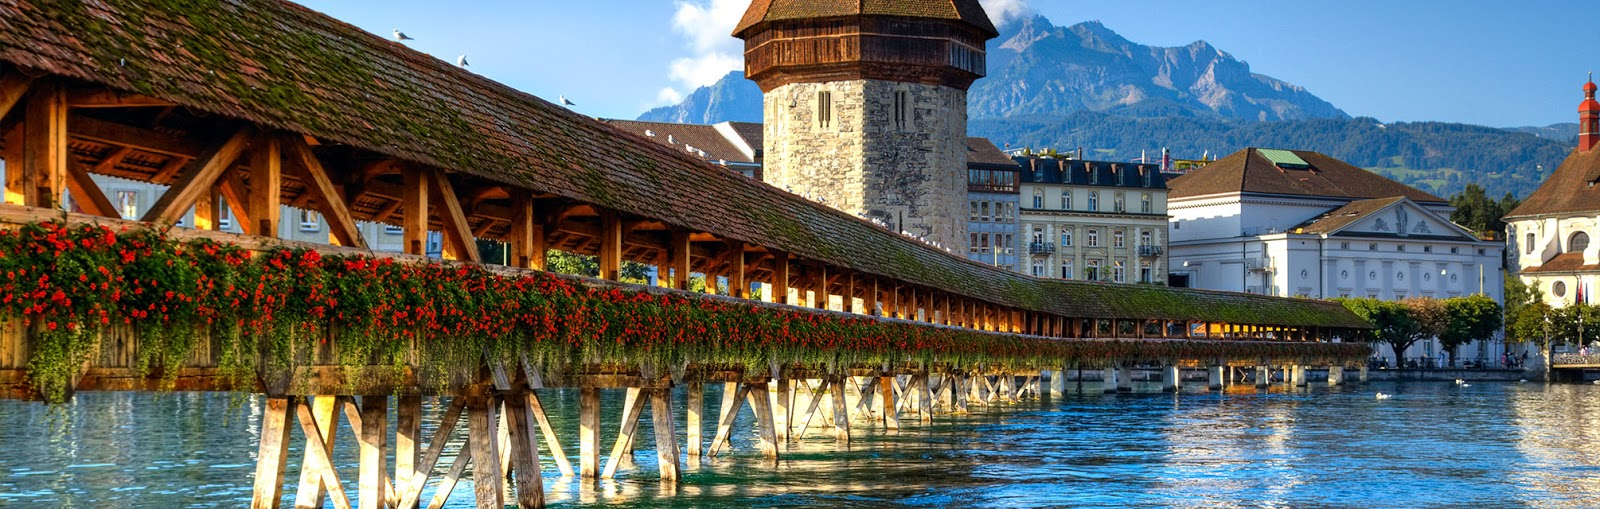 Люцерн Сердце Швейцарии фоторепортаж solomatin